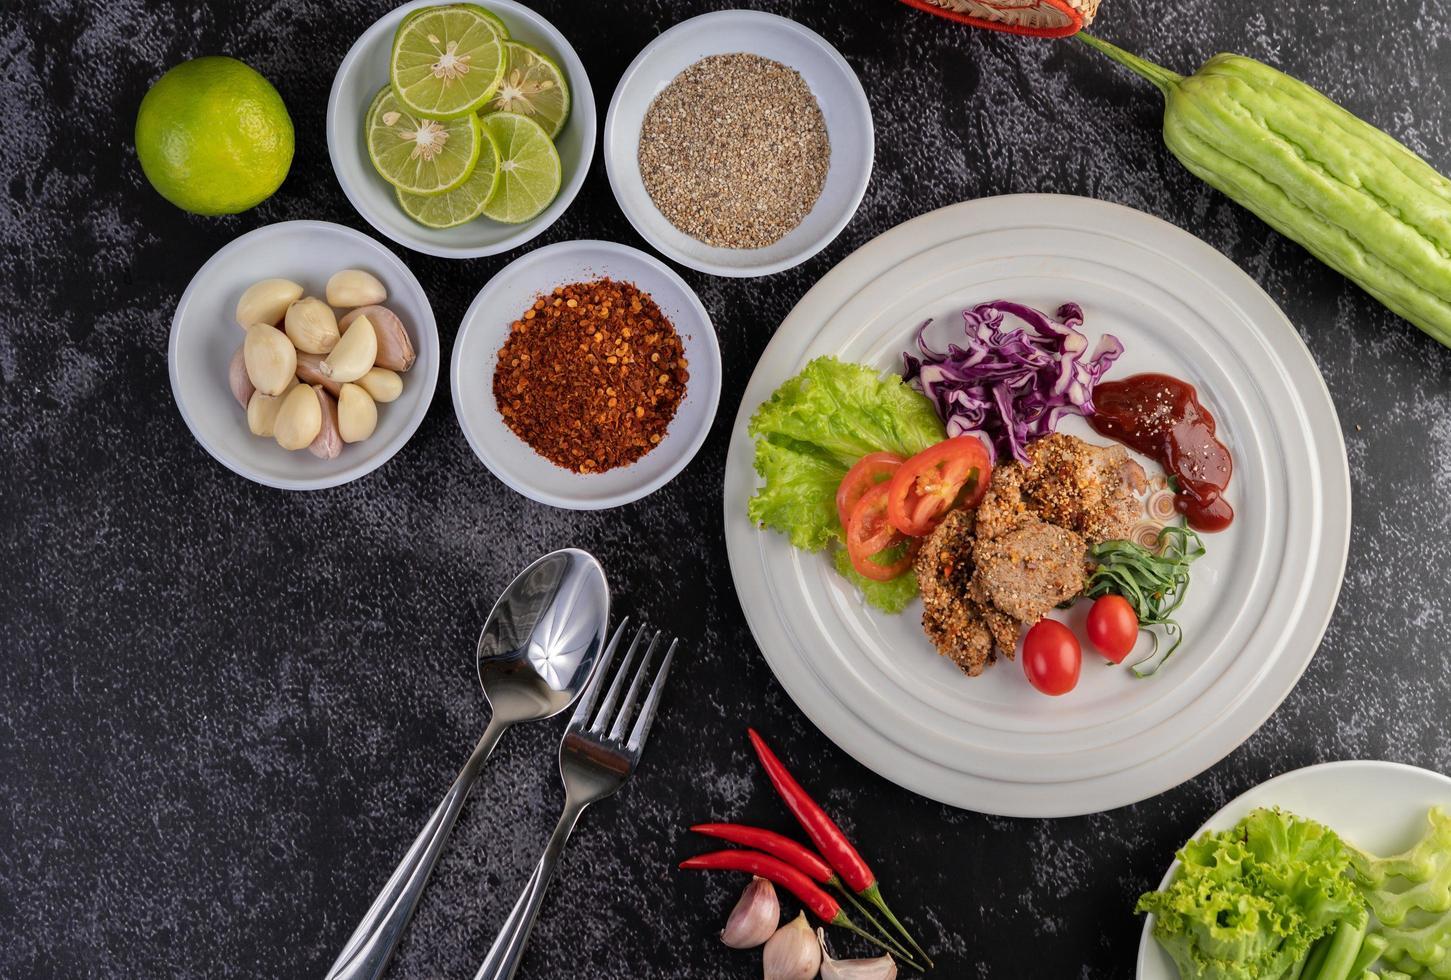 insalata di maiale placcata con galanga, pepe, pomodoro, limone e lime foto